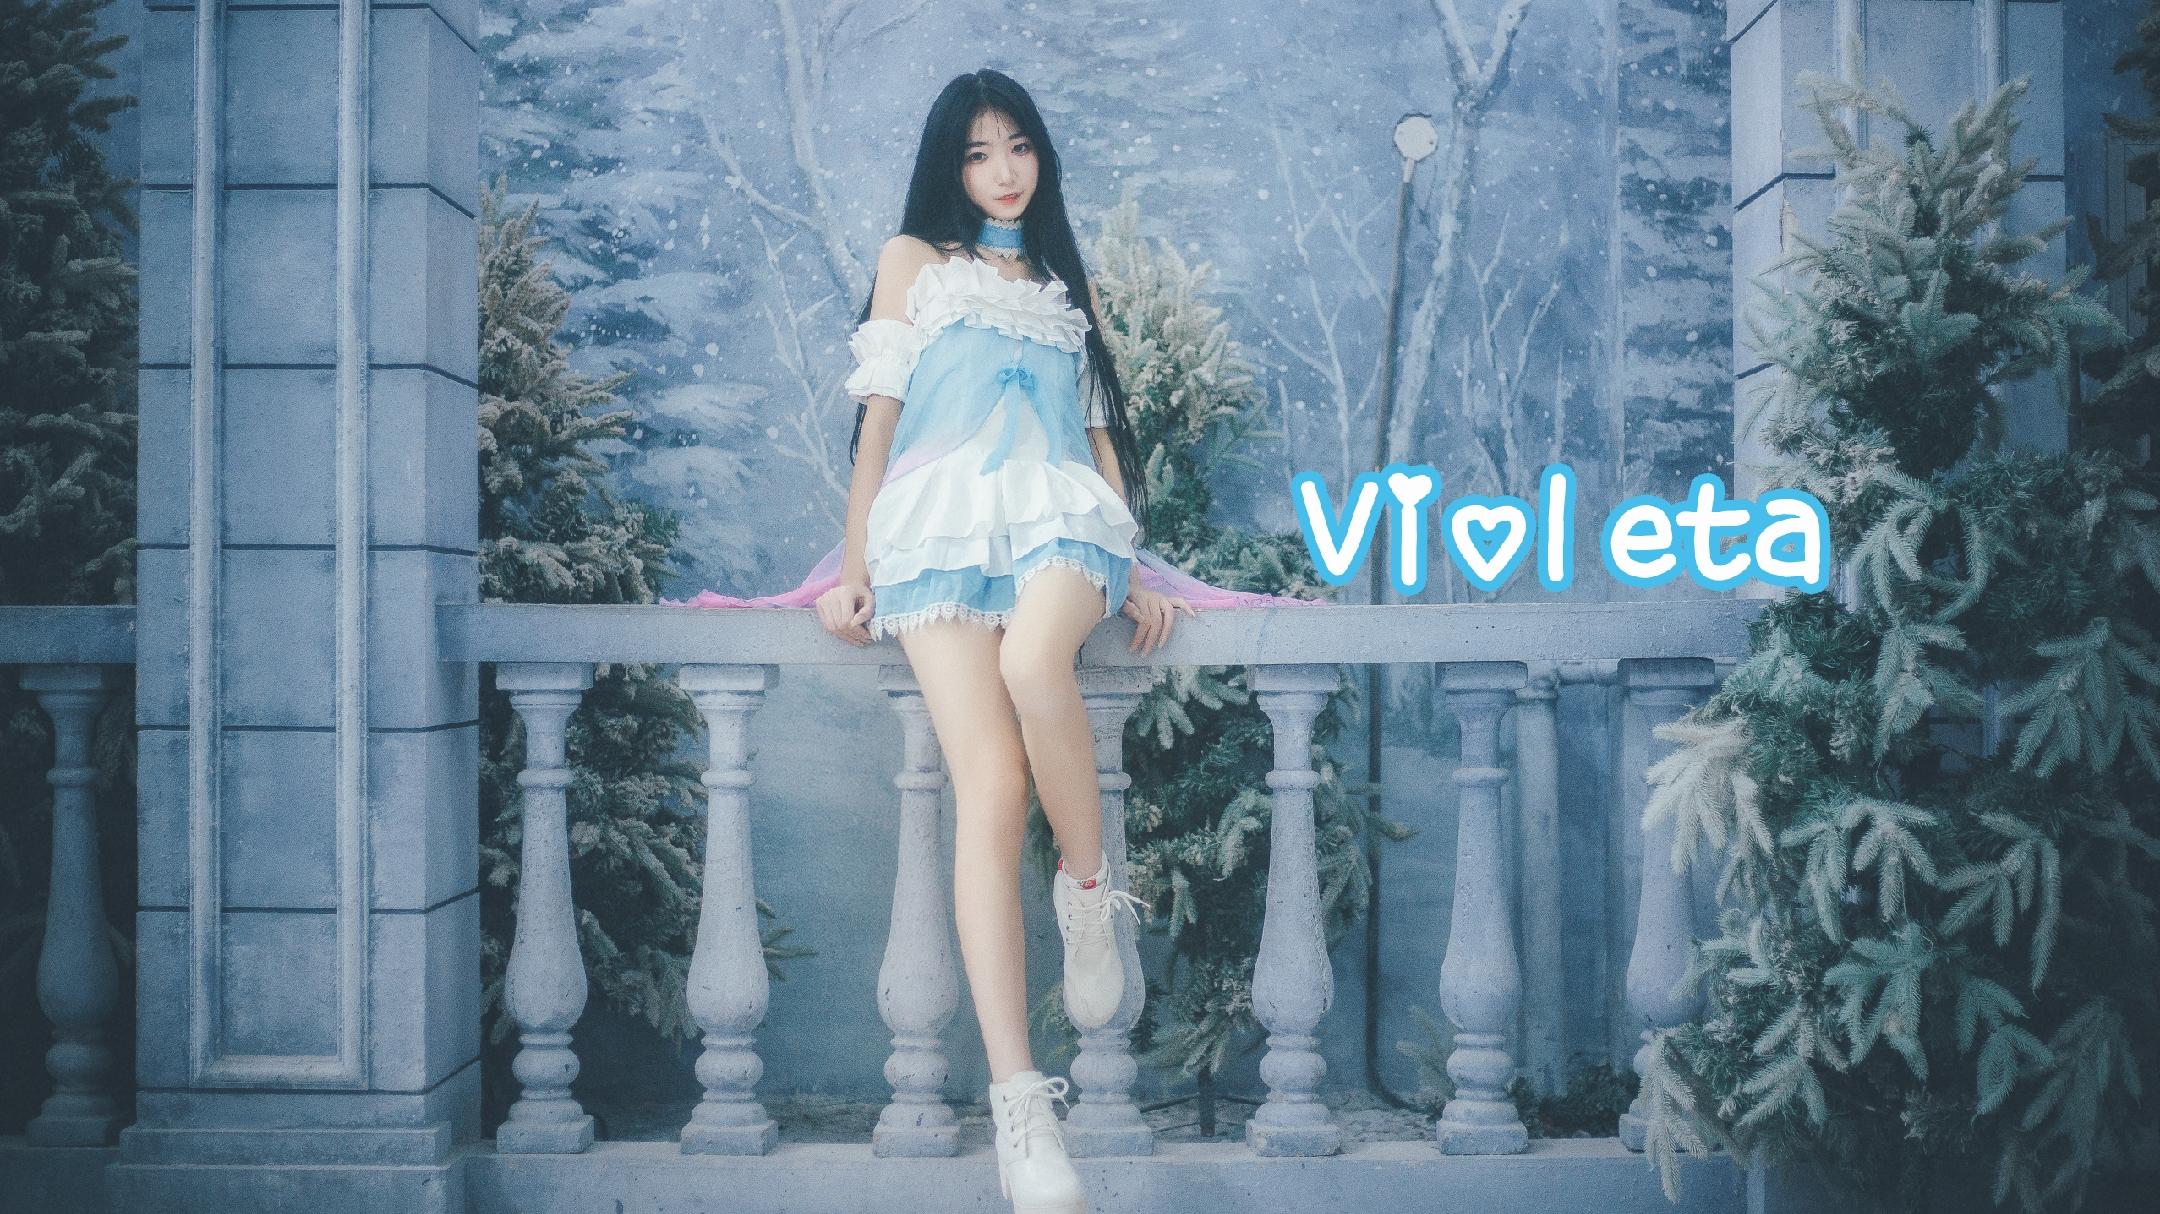 【宫本绘】Violeta竖屏   避雷塔